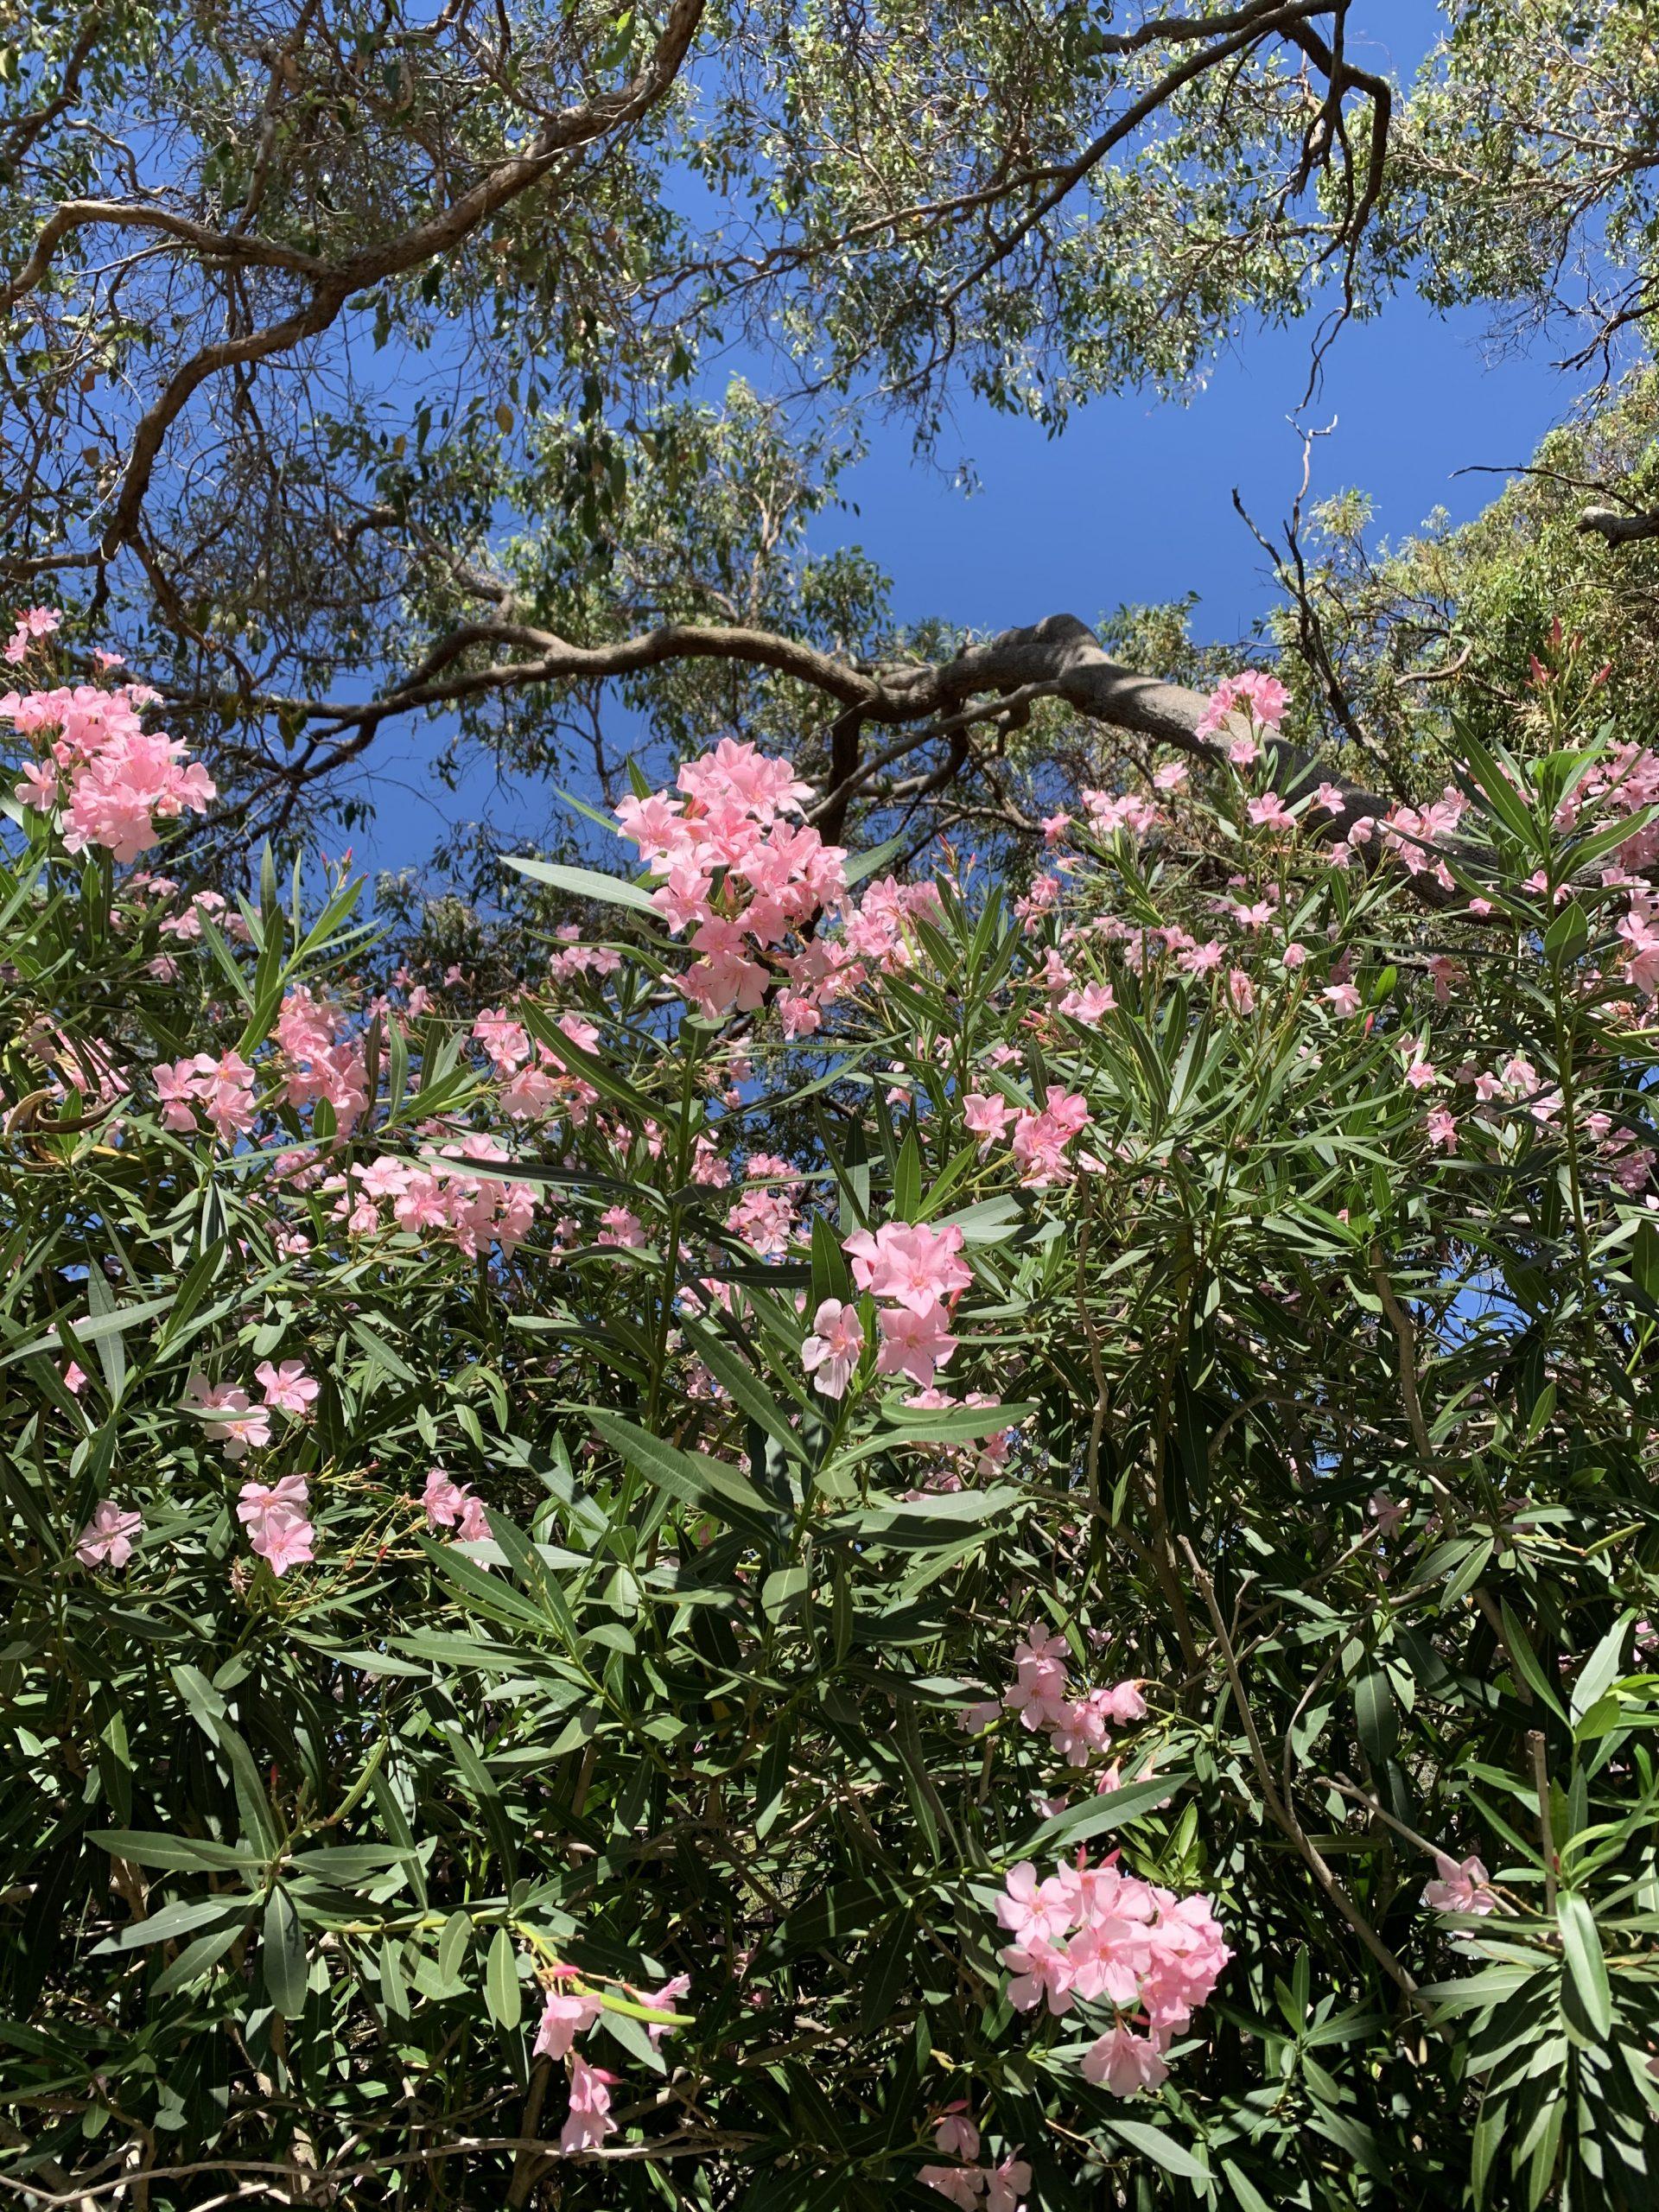 Flower in Australia